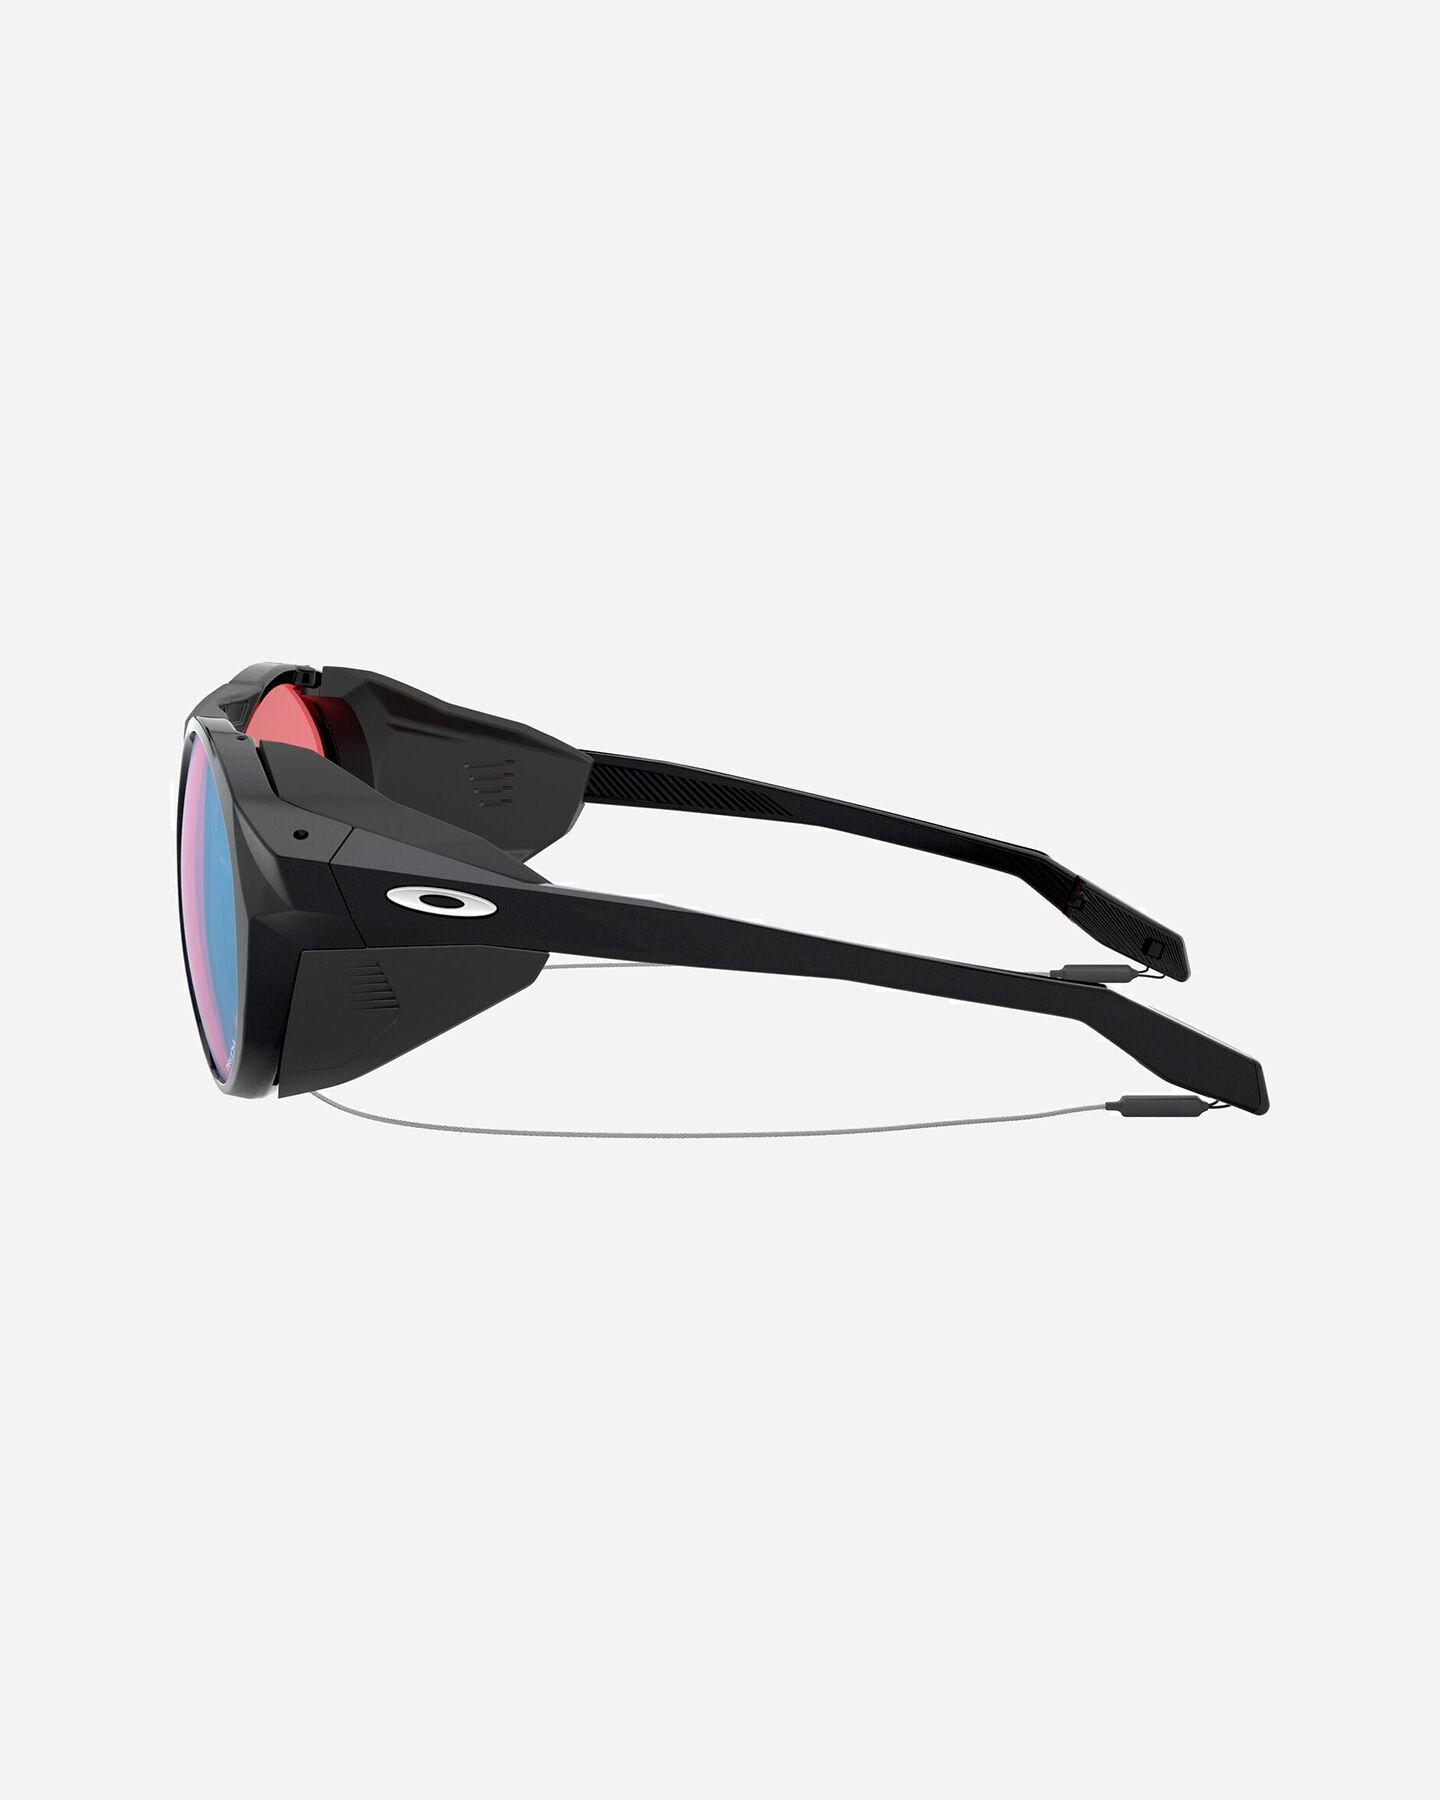 Occhiali OAKLEY CLIFDEN S5221233|0256|56 scatto 5